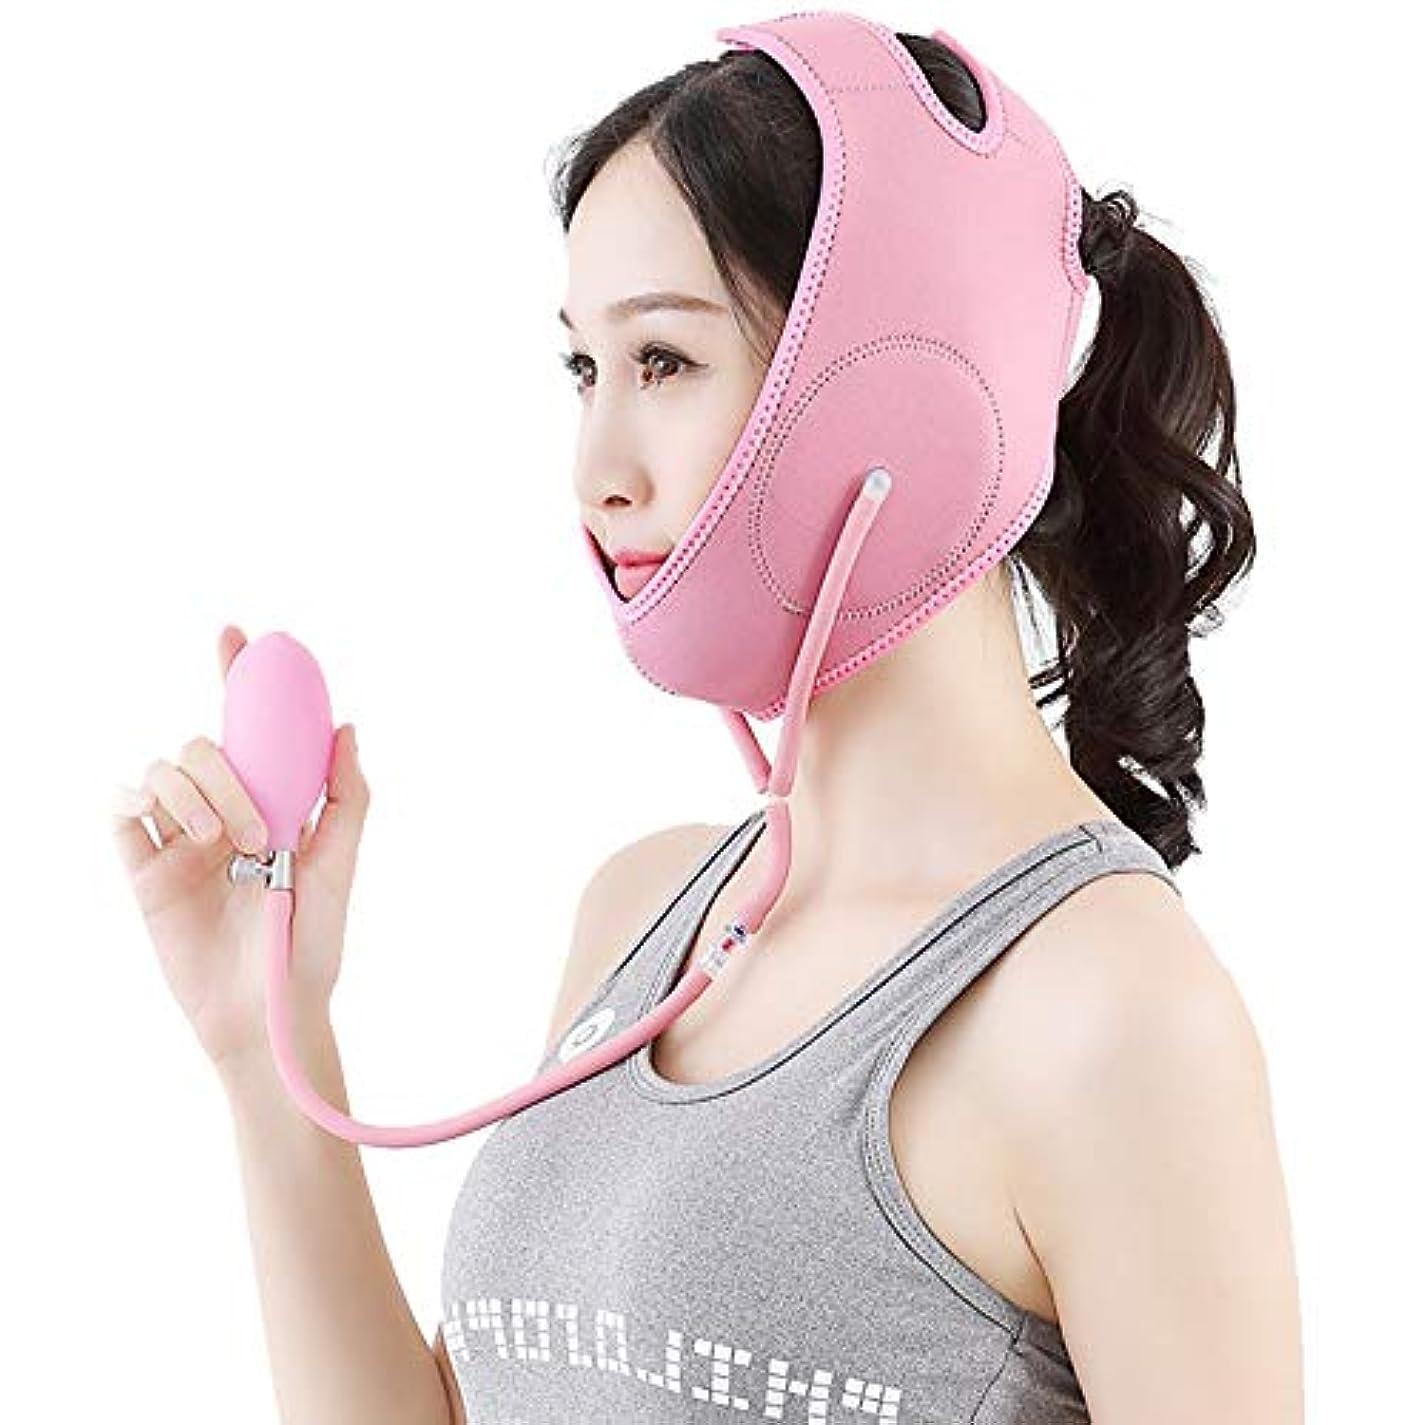 寓話歩道道を作るXINGZHE フェイシャルリフティング痩身ベルトダブルエアバッグ圧力調整フェイス包帯マスク整形マスクが顔を引き締める フェイスリフティングベルト (色 : ピンク, サイズ さいず : M)